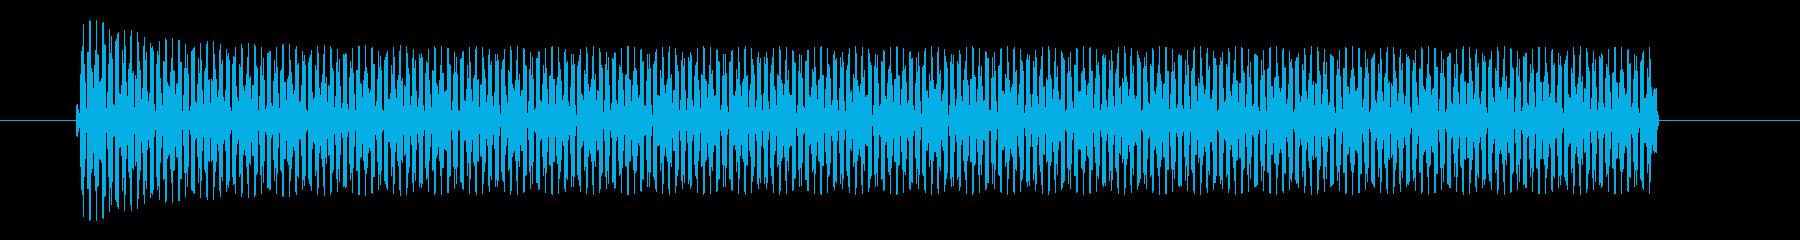 電話8の再生済みの波形